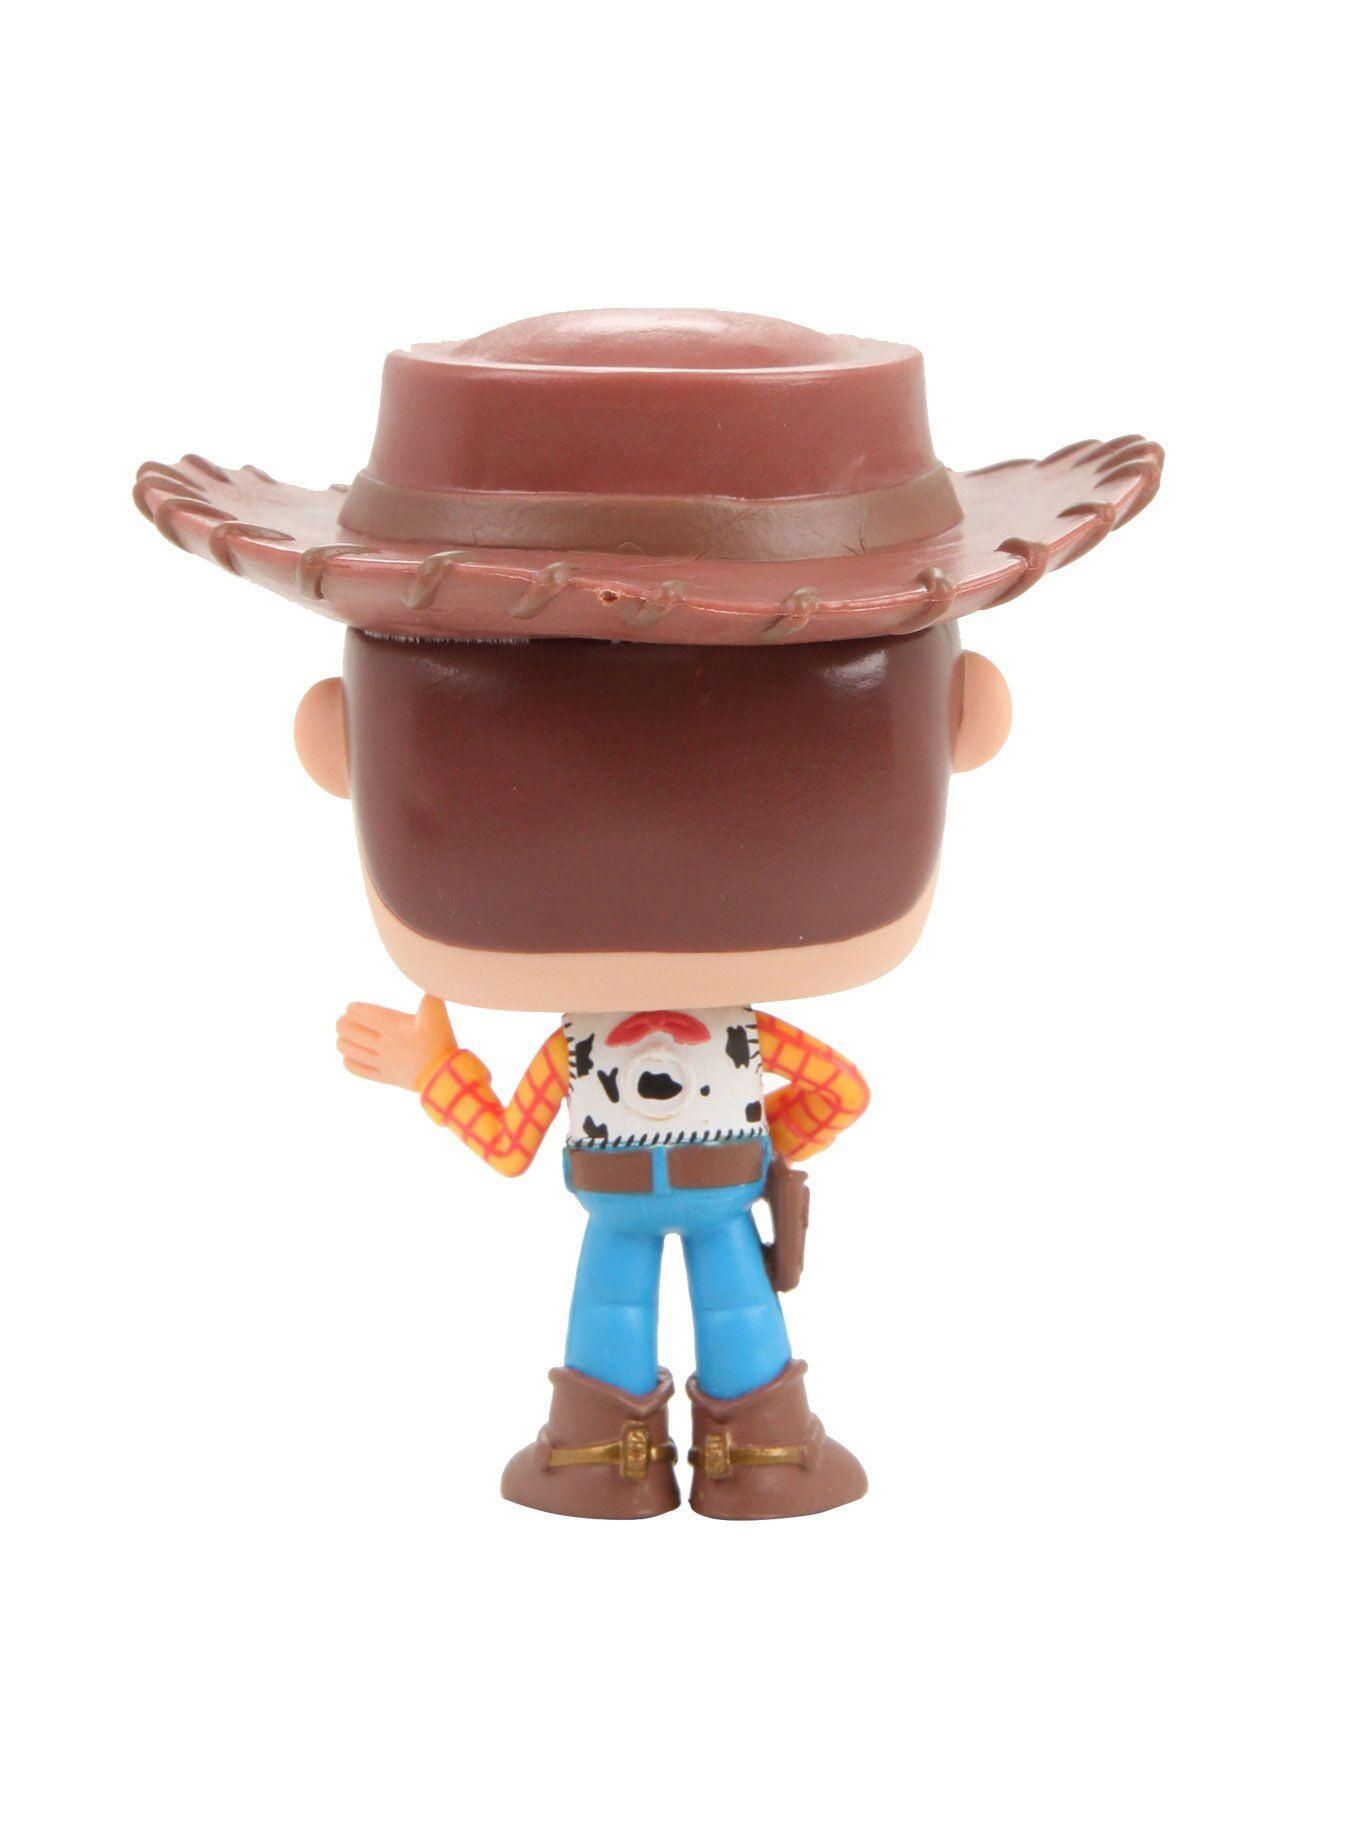 Woody #168 - Toy Story - Funko Pop!